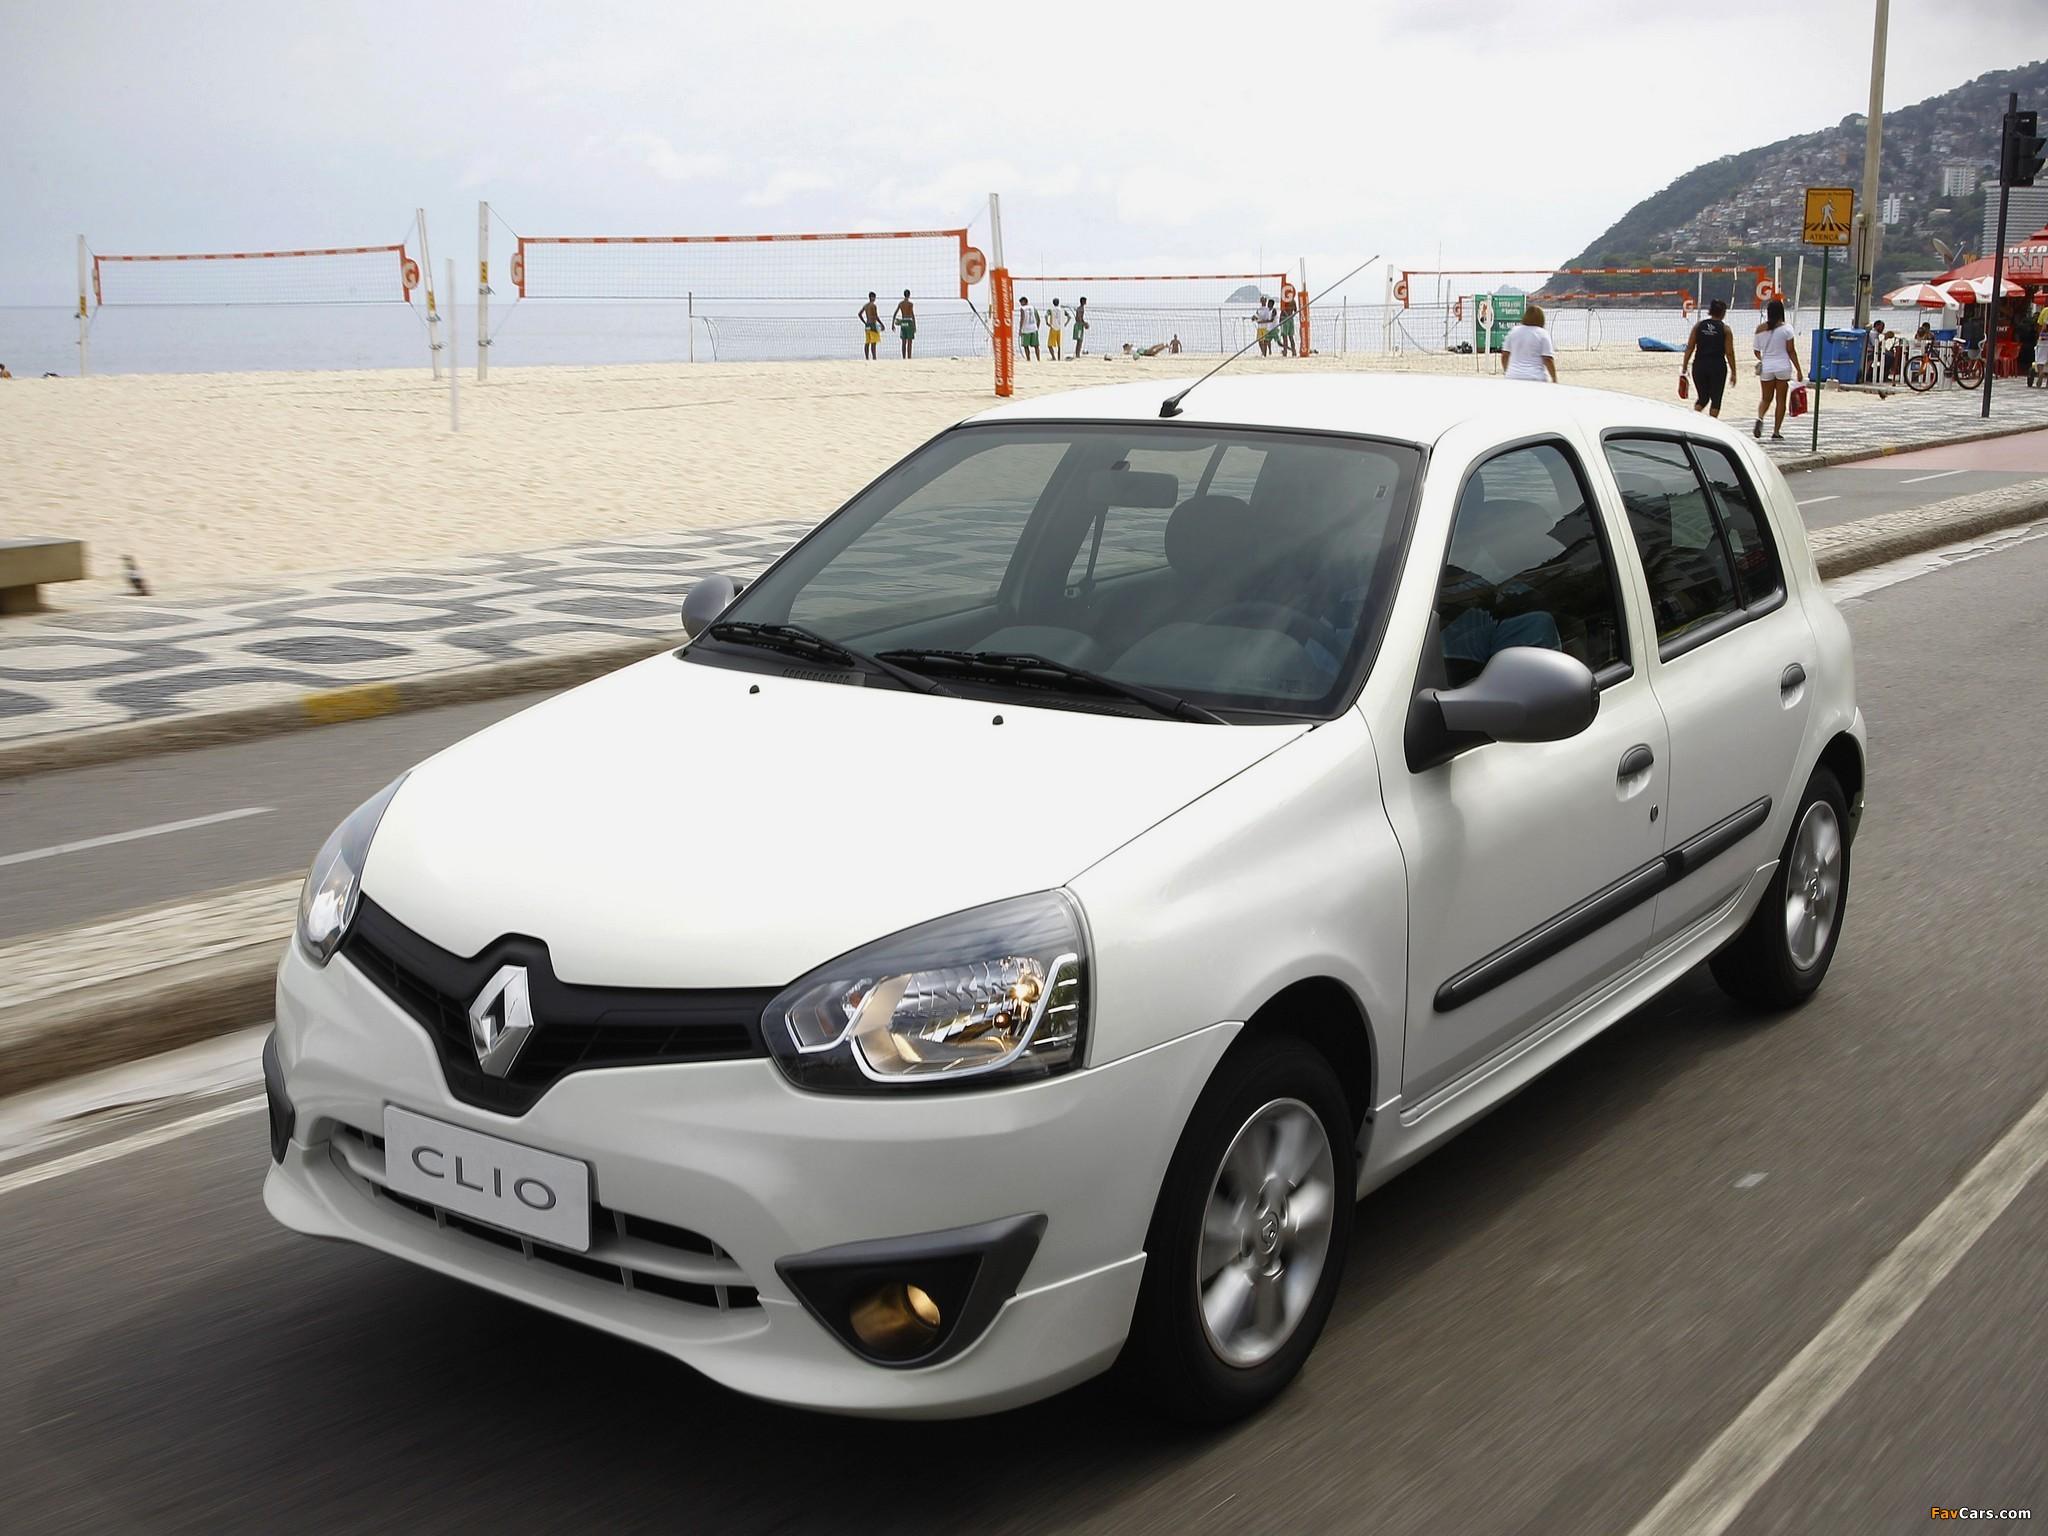 Renault Clio Mercosur 5-door 2012 wallpapers (2048 x 1536)